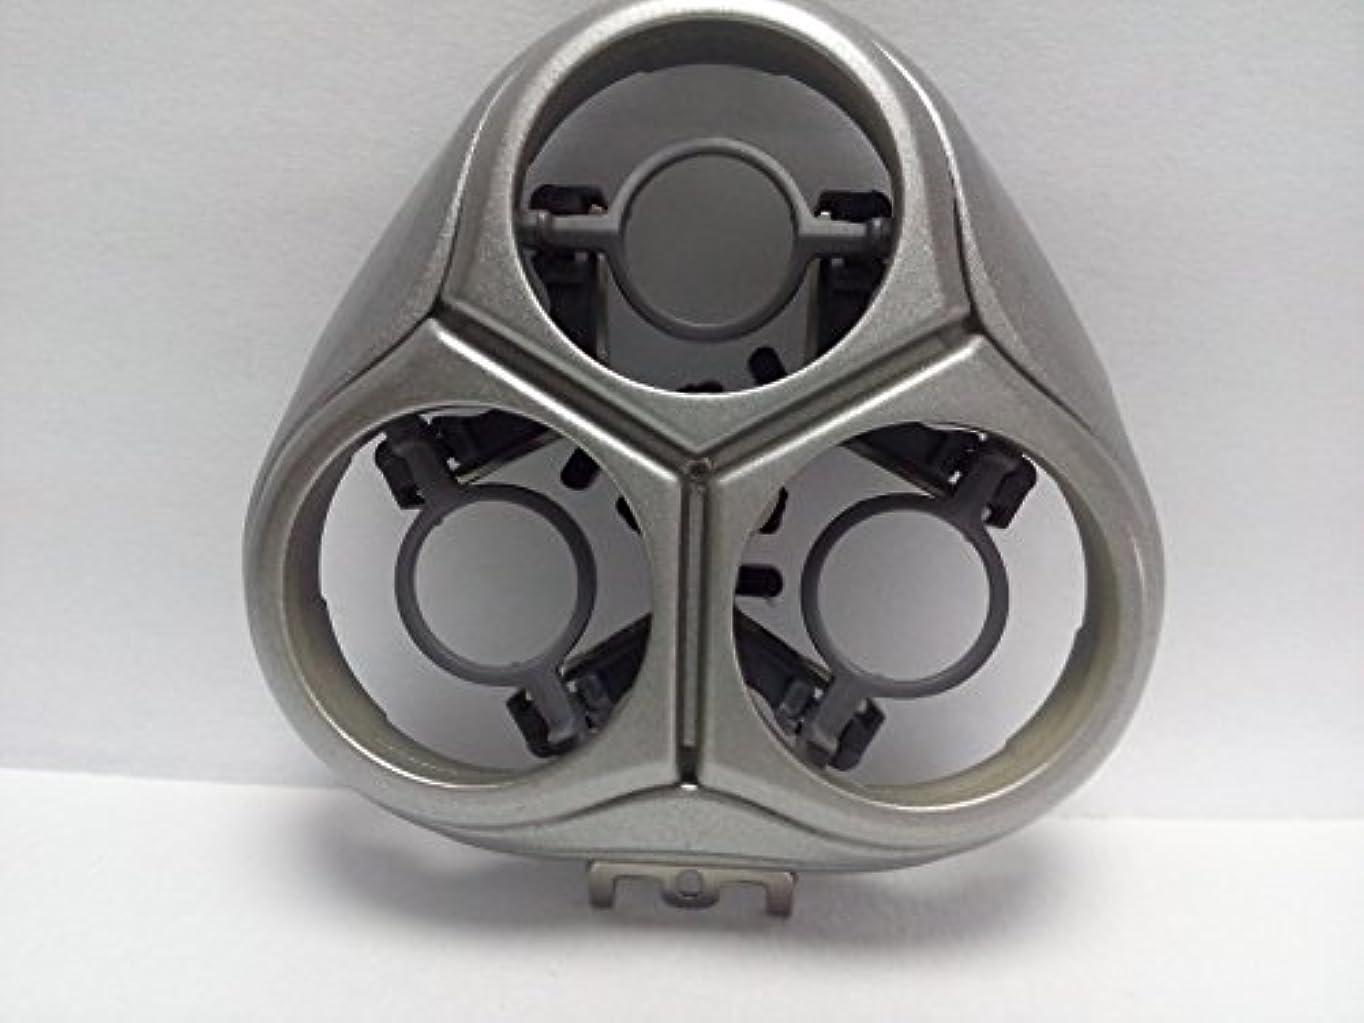 すみません上向きよろめくシェービングカミソリヘッドフレームホルダーカバー ブレードフレーム For Philips Norelco HQ8200 HQ8230 HQ8261 HQ8241 HQ8251 Shaver Razor Head blade...